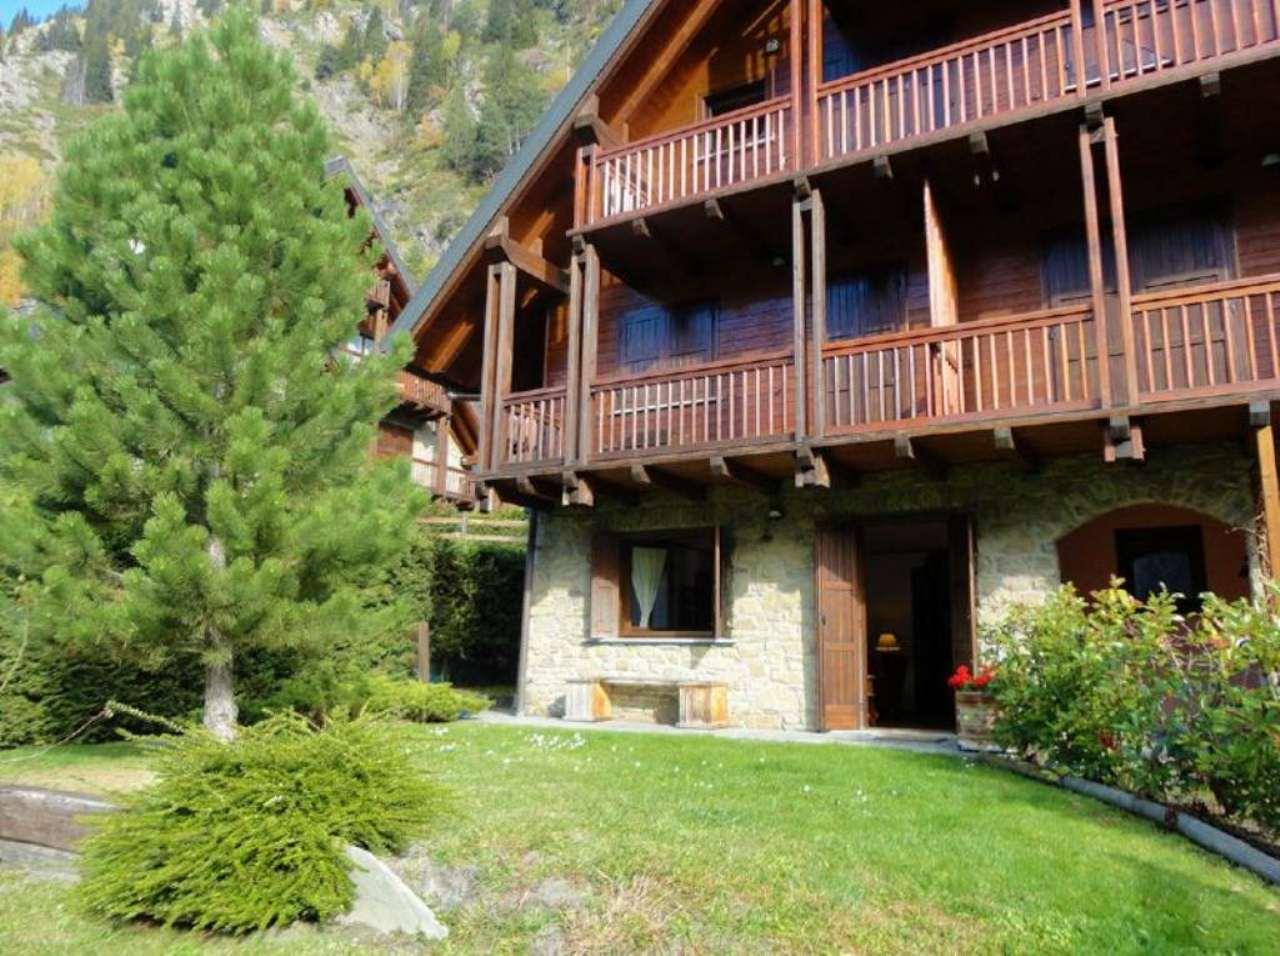 Appartamento in vendita a Courmayeur, 5 locali, prezzo € 770.000 | Cambio Casa.it